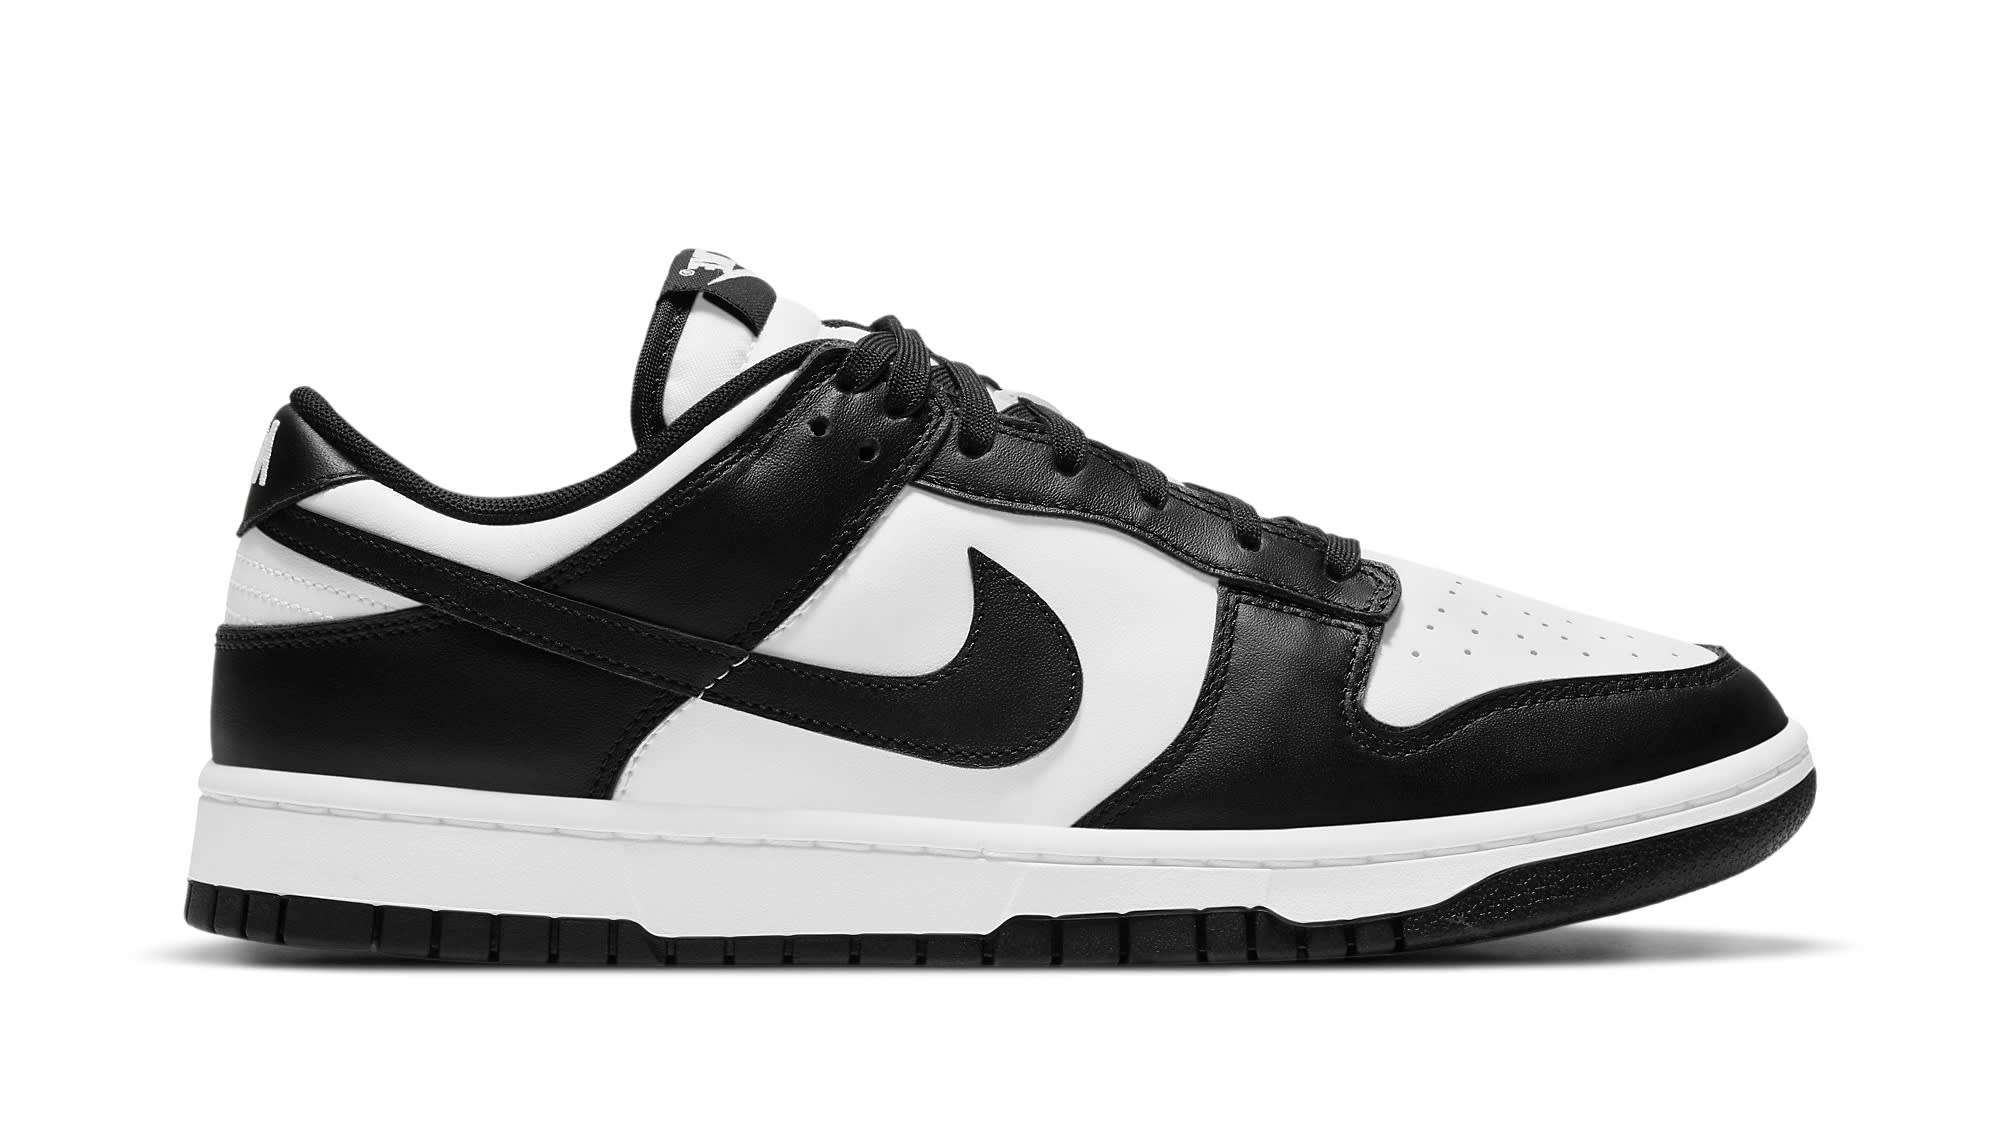 Nike Dunk Low 'Black' DD1391-100 Release Date